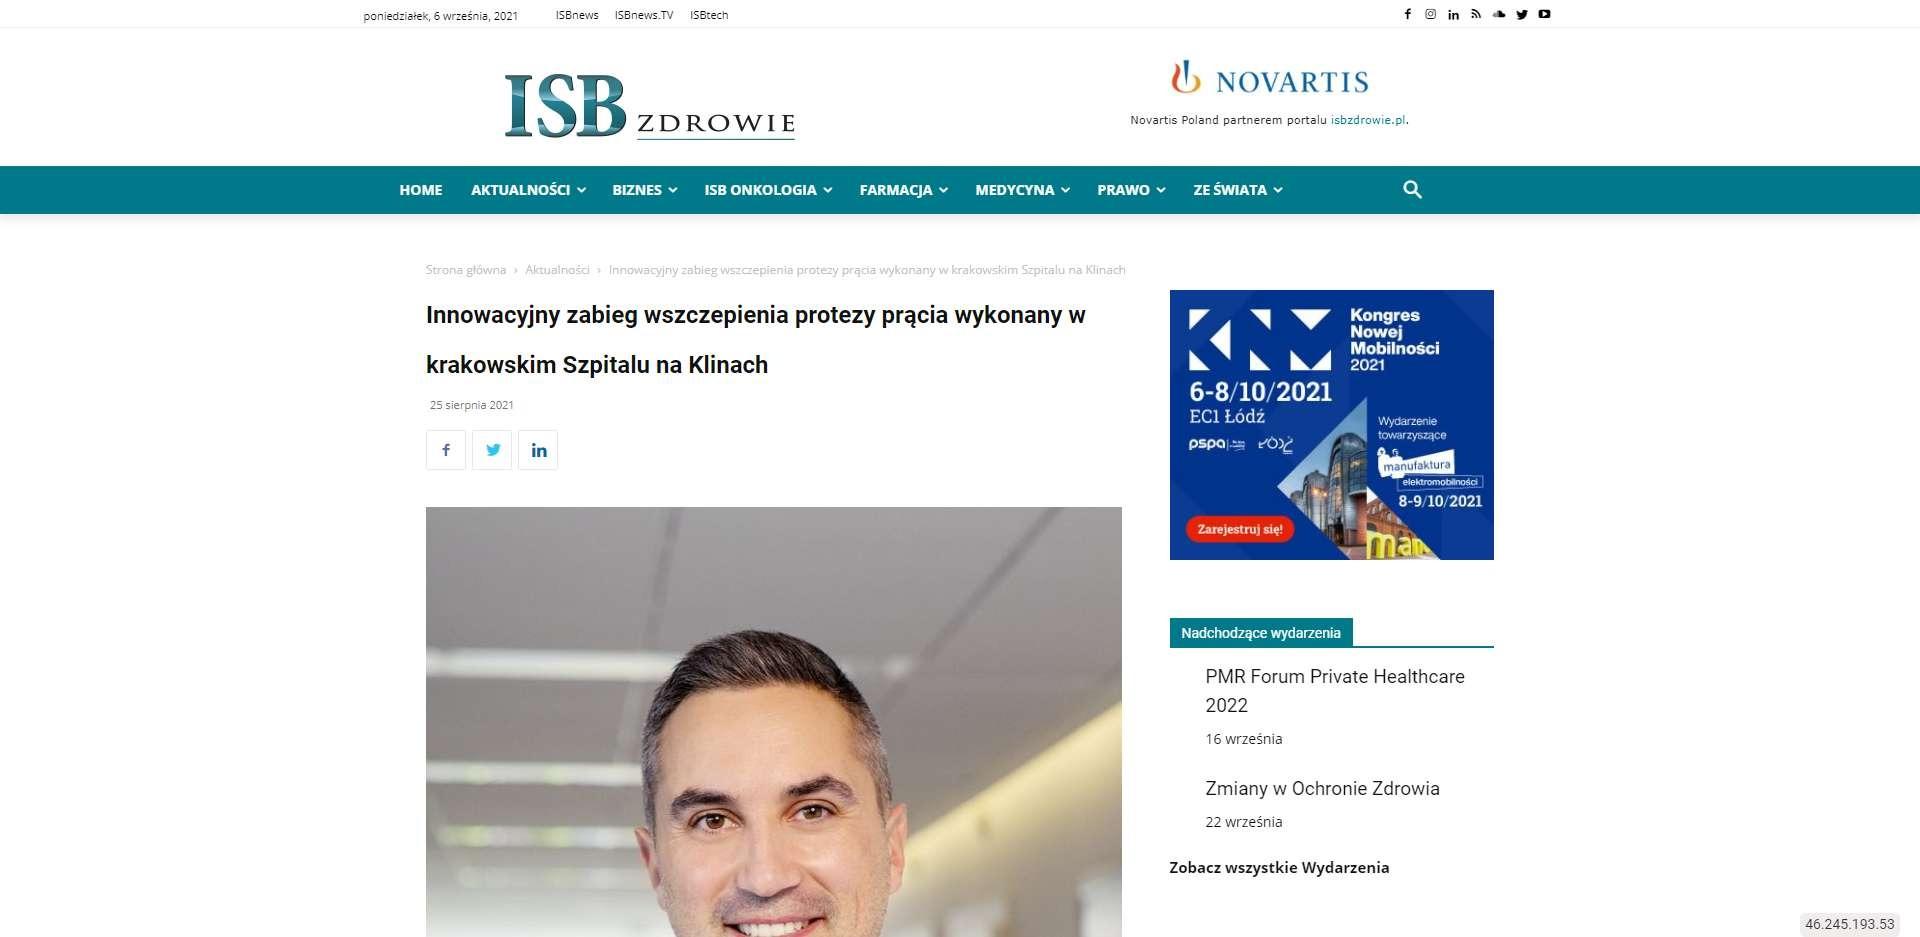 innowacyjny zabieg wszczepienia protezy pracia wykonany w krakowskim szpitalu na klinach